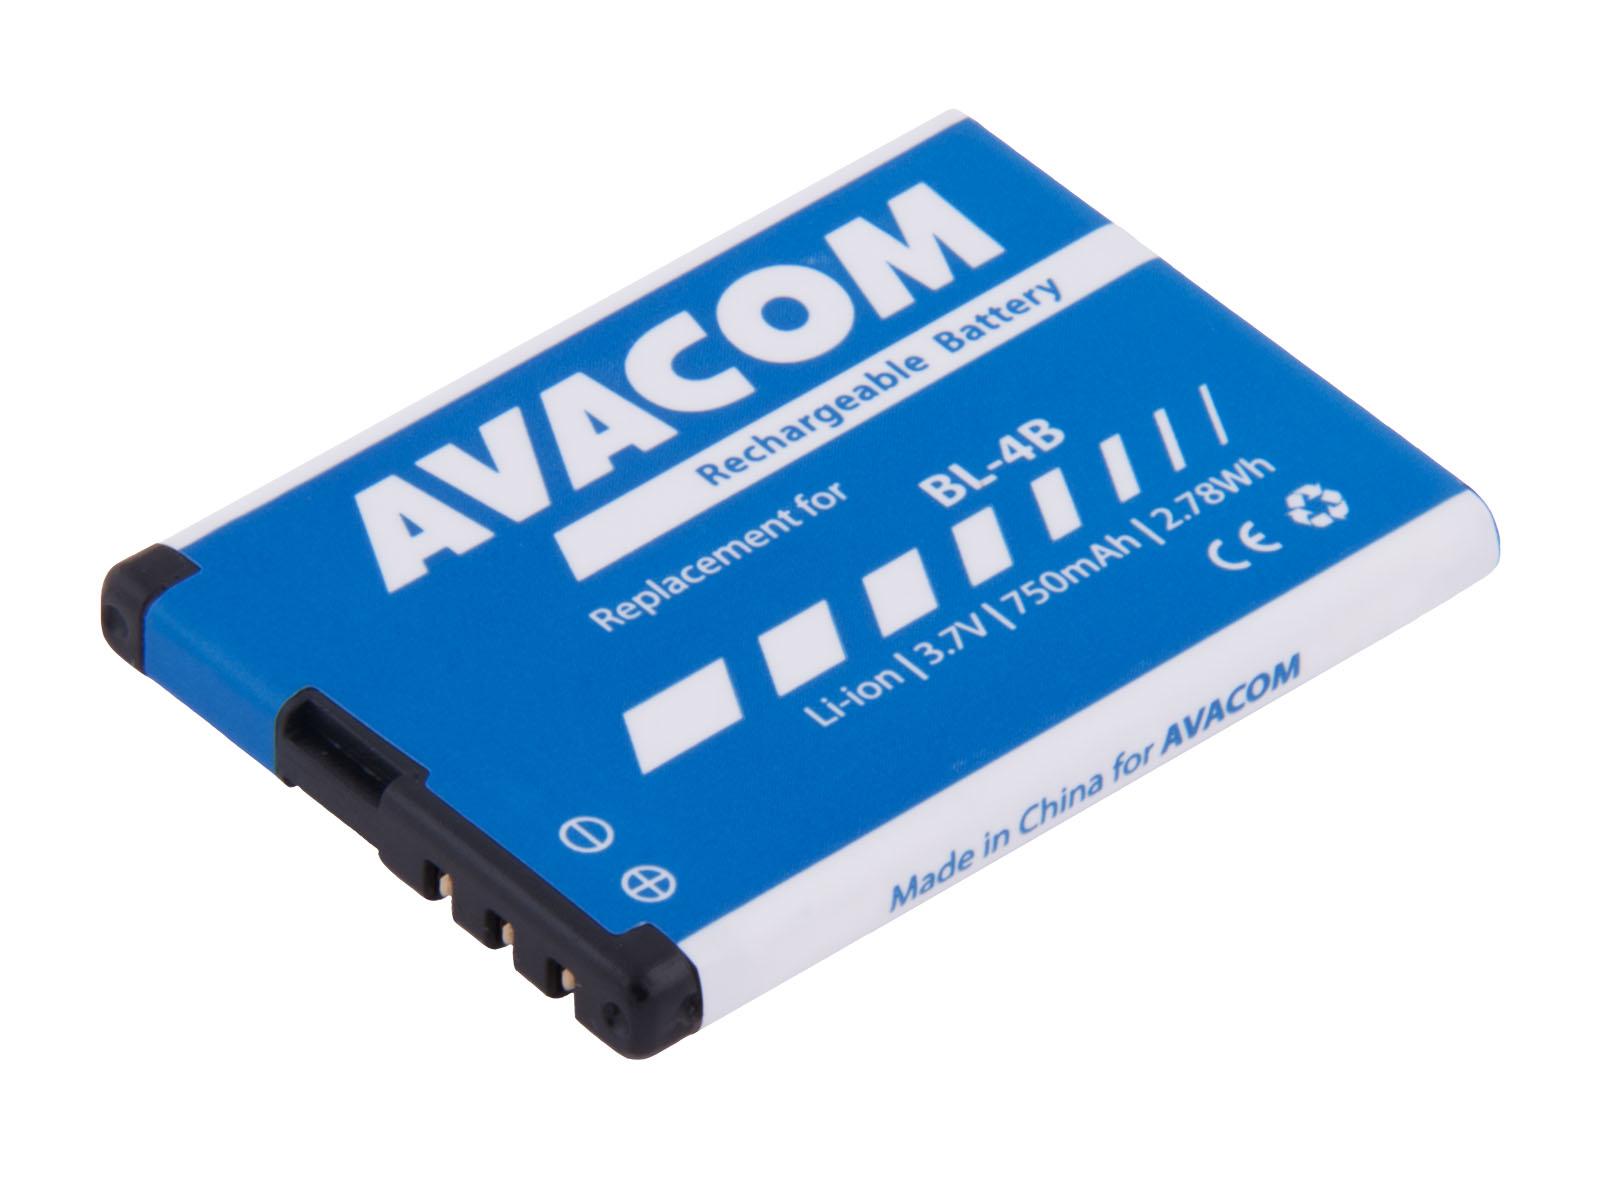 Baterie do mobilu Nokia 6111 Li-Ion 3,7V 750mAh (náhrada BL-4B)